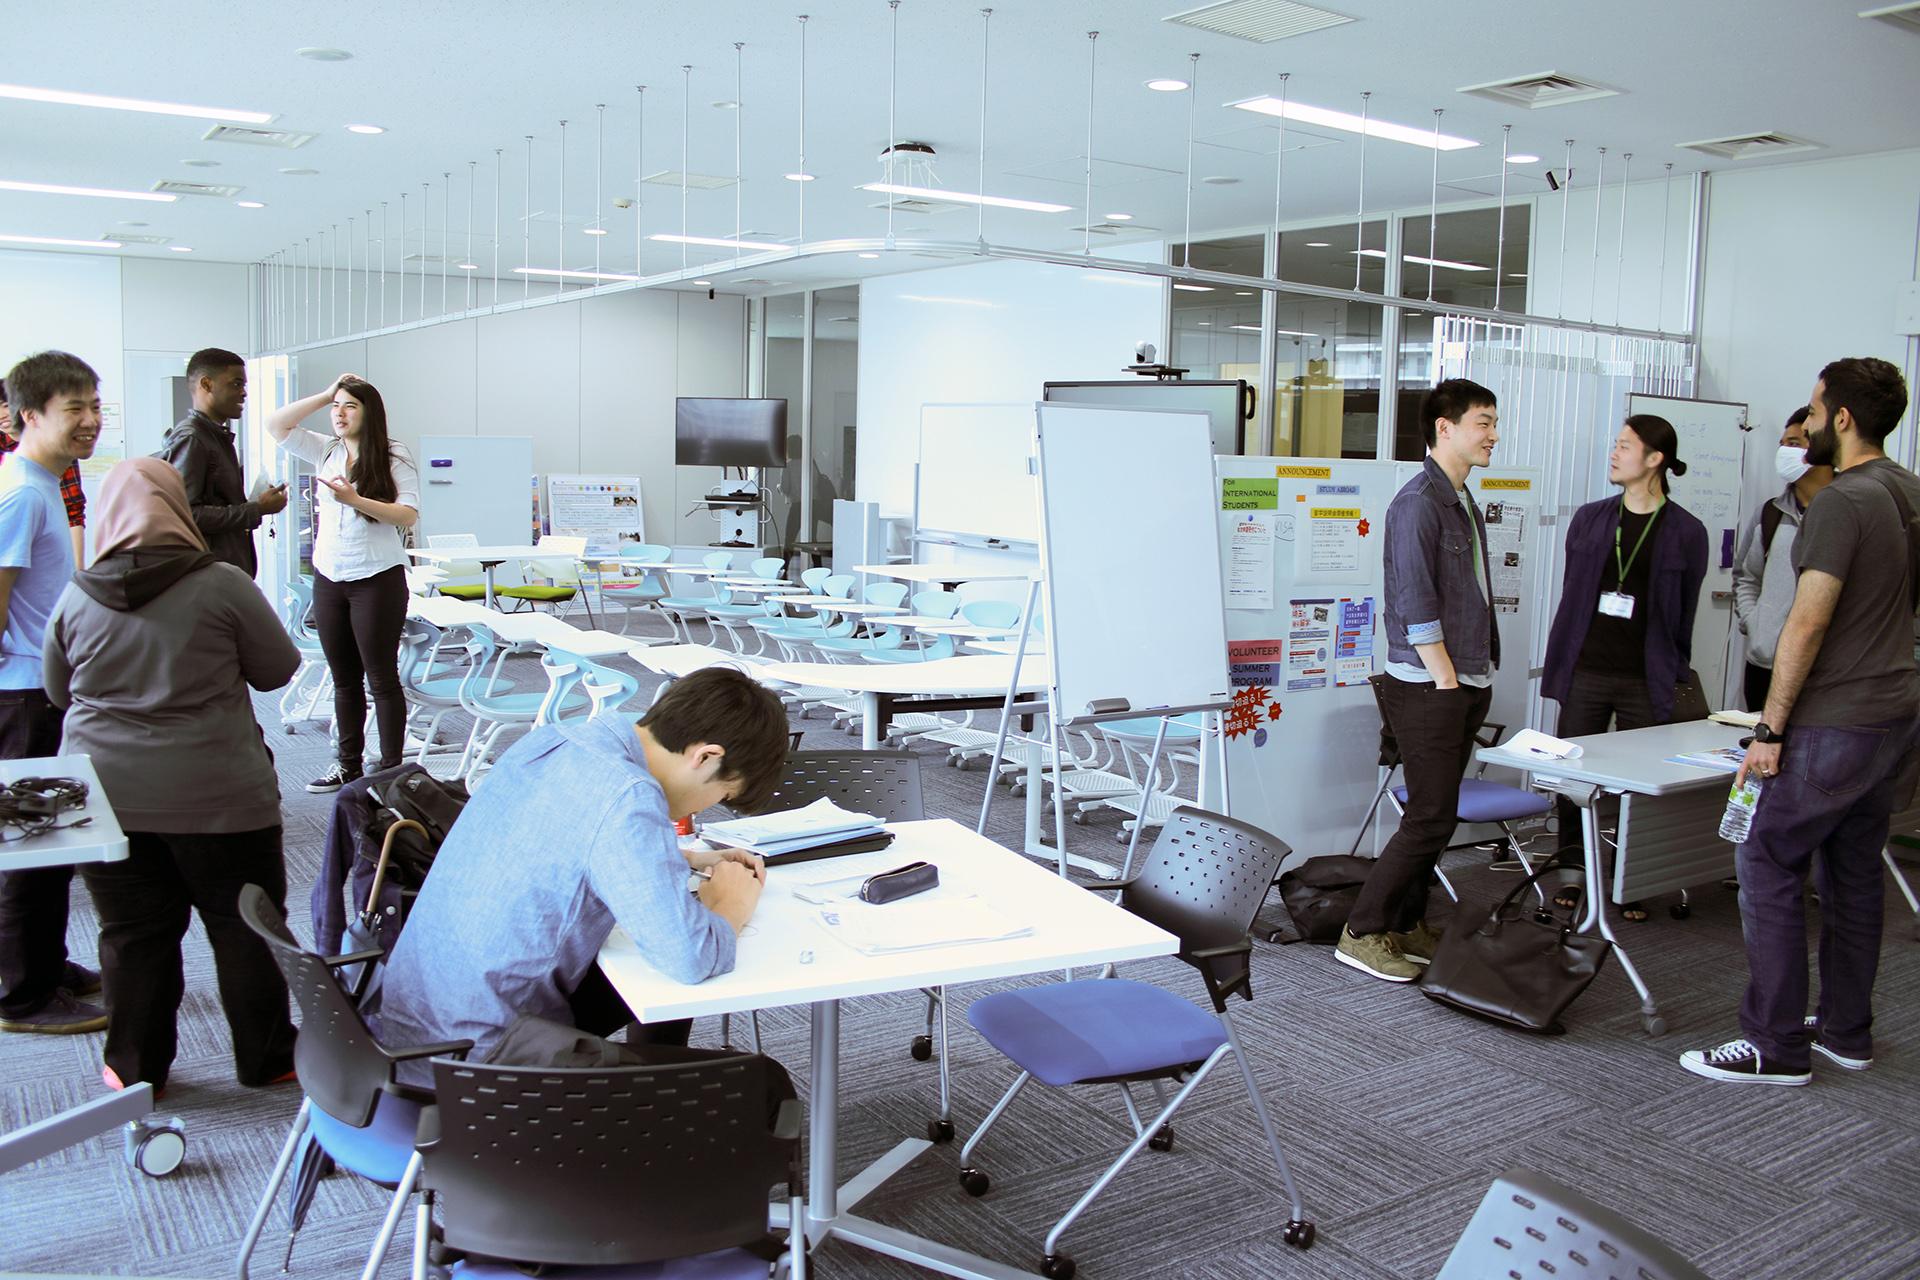 芝浦工業大学 -- 身近な国際交流の場を目指し「豊洲グローバルラーニングコモンズ」運用開始 ~留学生や海外経験がある学生スタッフが常駐